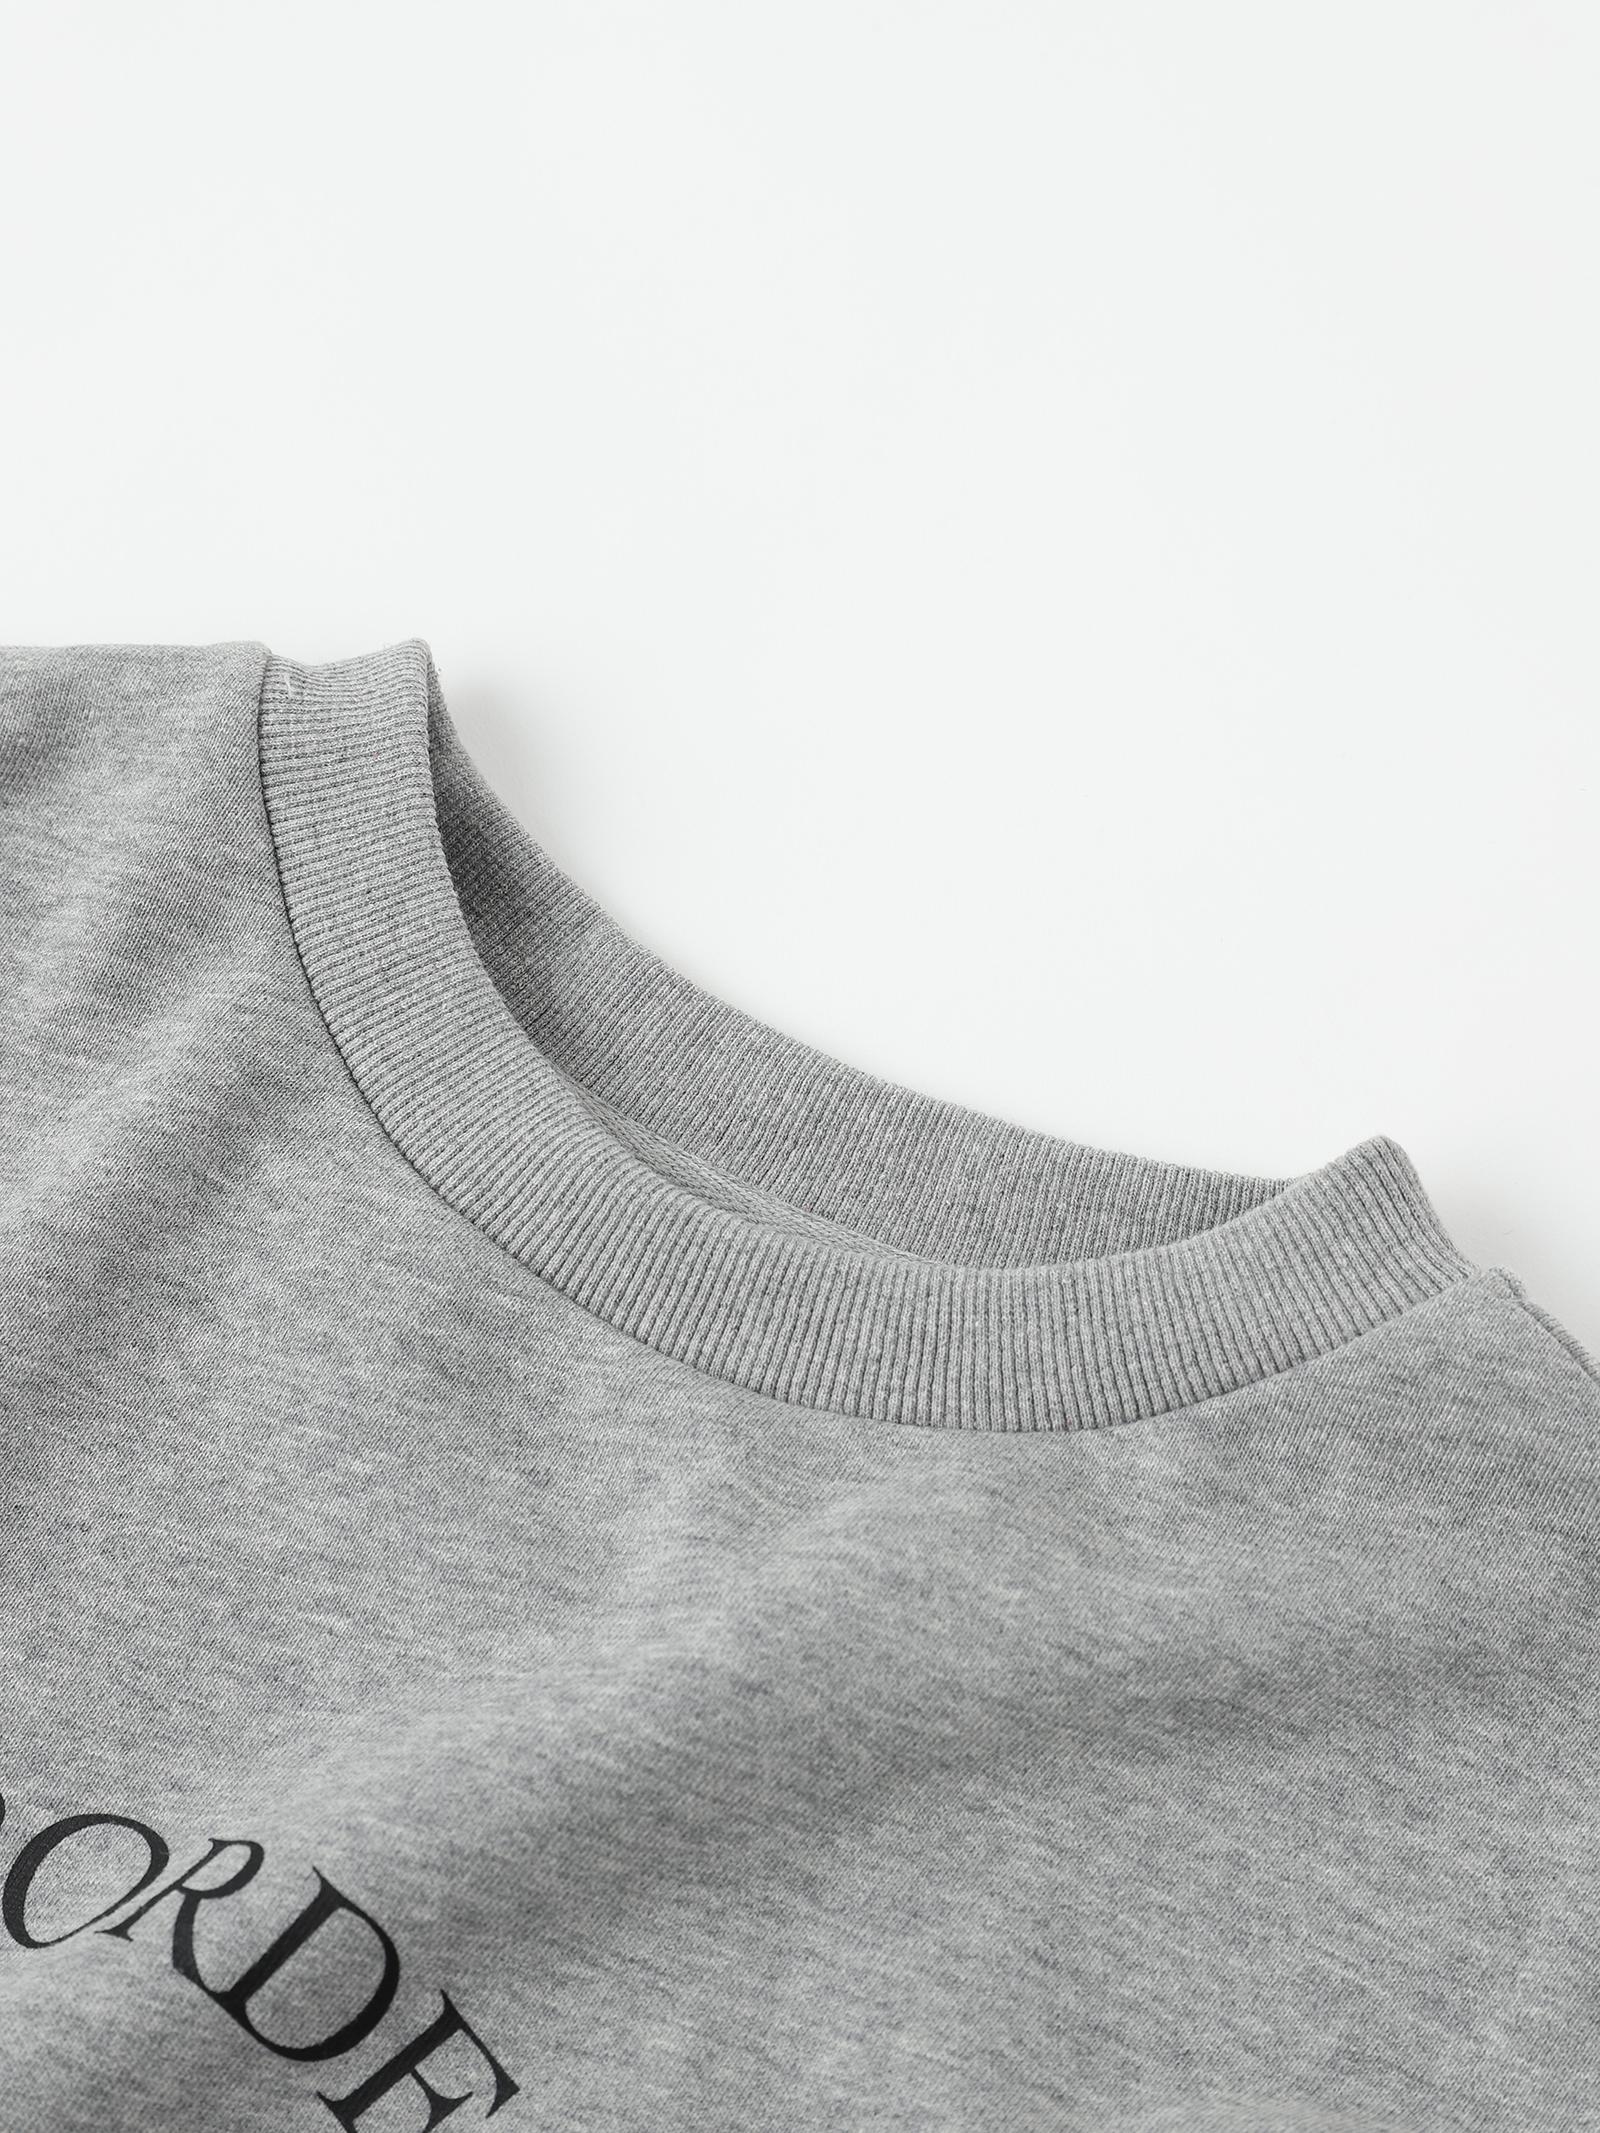 """COLLEGE SWEAT SHIRTS """"Henri""""のサムネイル3"""